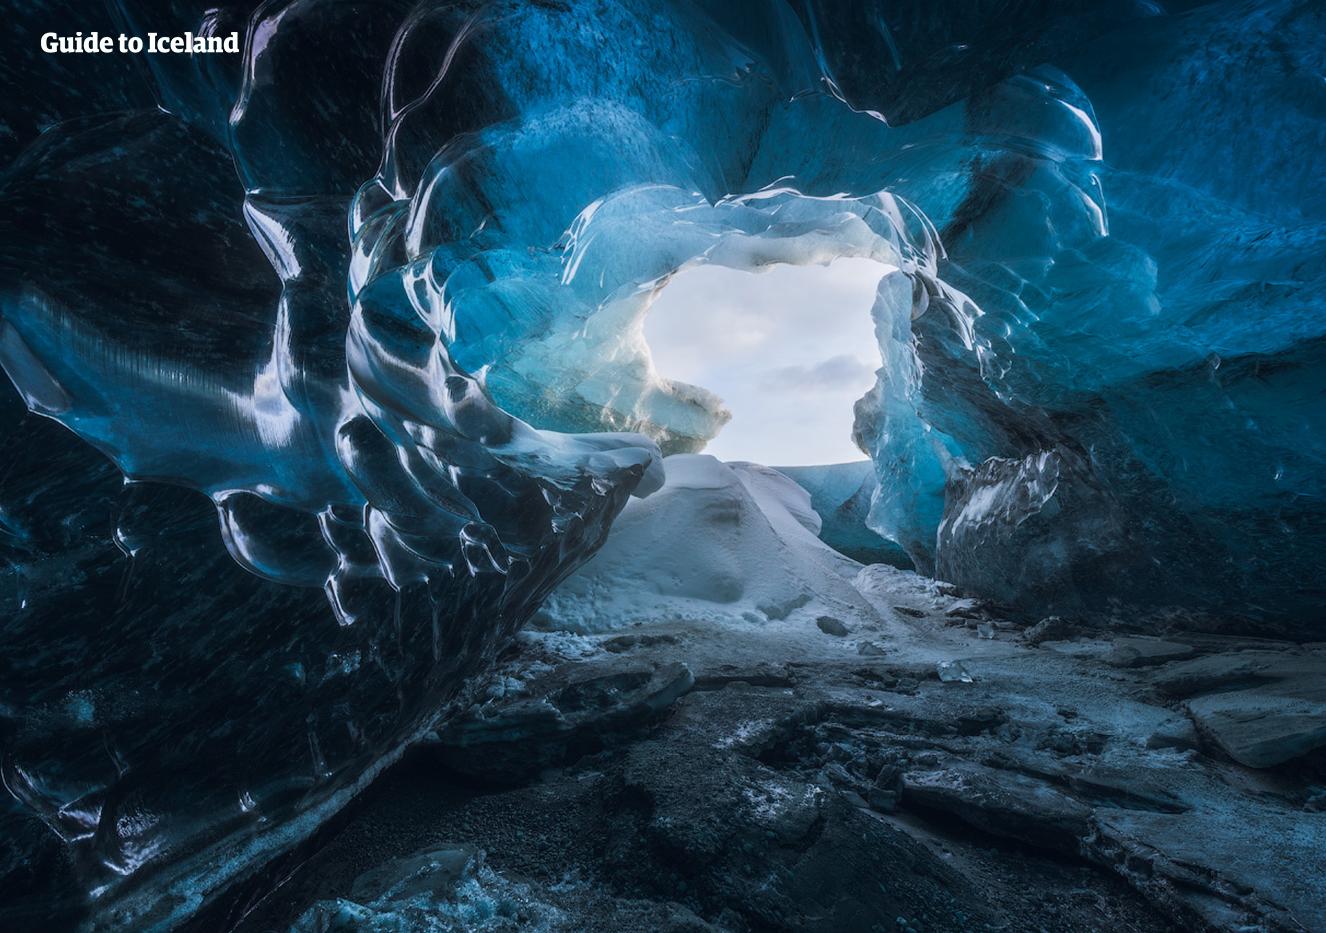 您将在专业的冰川向导陪同下进入蓝冰洞